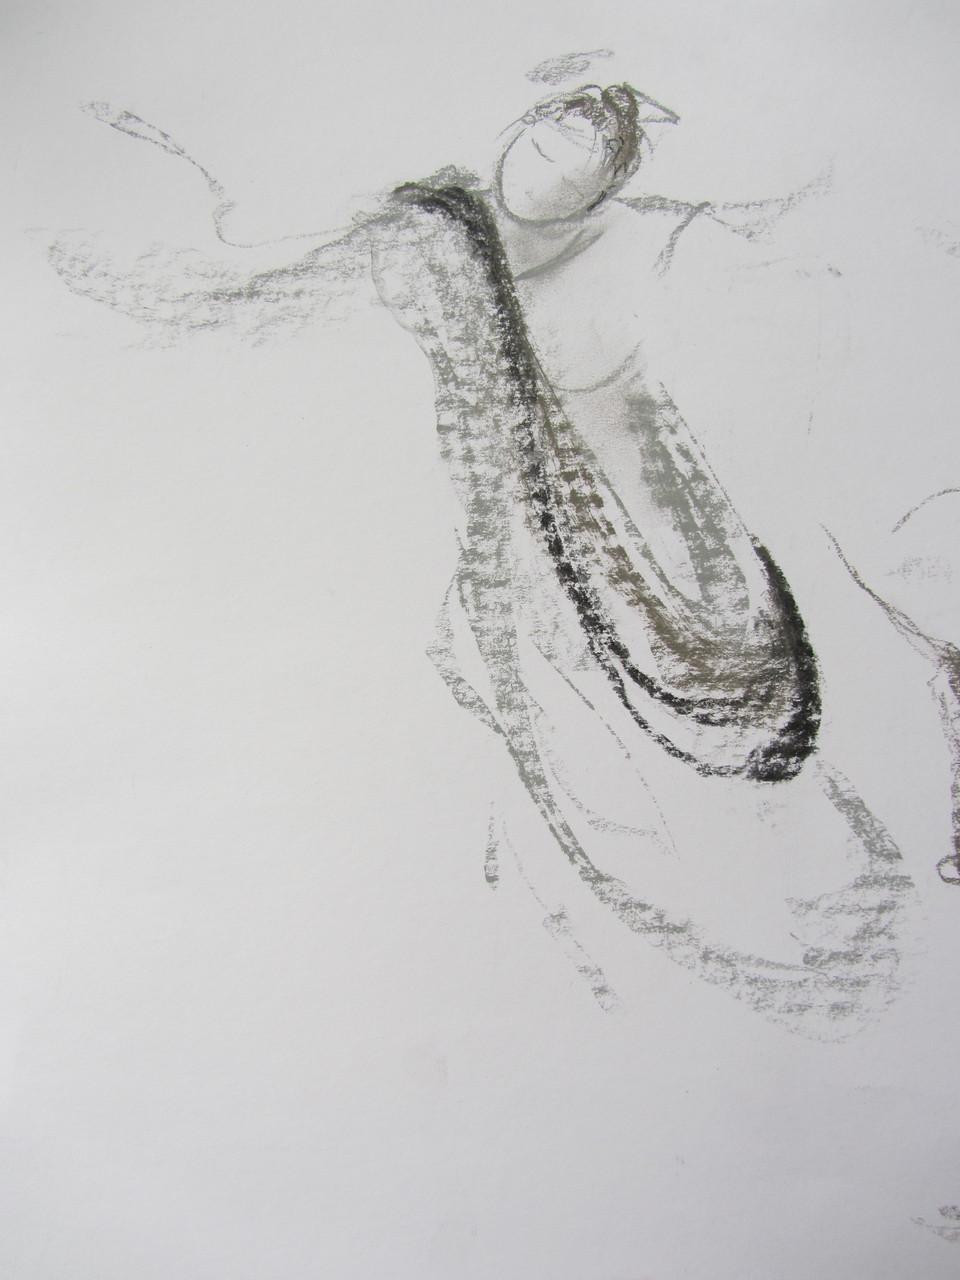 Esquisse au Fusain de Micheline Reboulleau réalisée durant la 1e édition d'AFEDI (Artistes Femmes venez Esquisser la Danse Isadorienne le 6 Avril 2013_ collection privée de l'artiste.